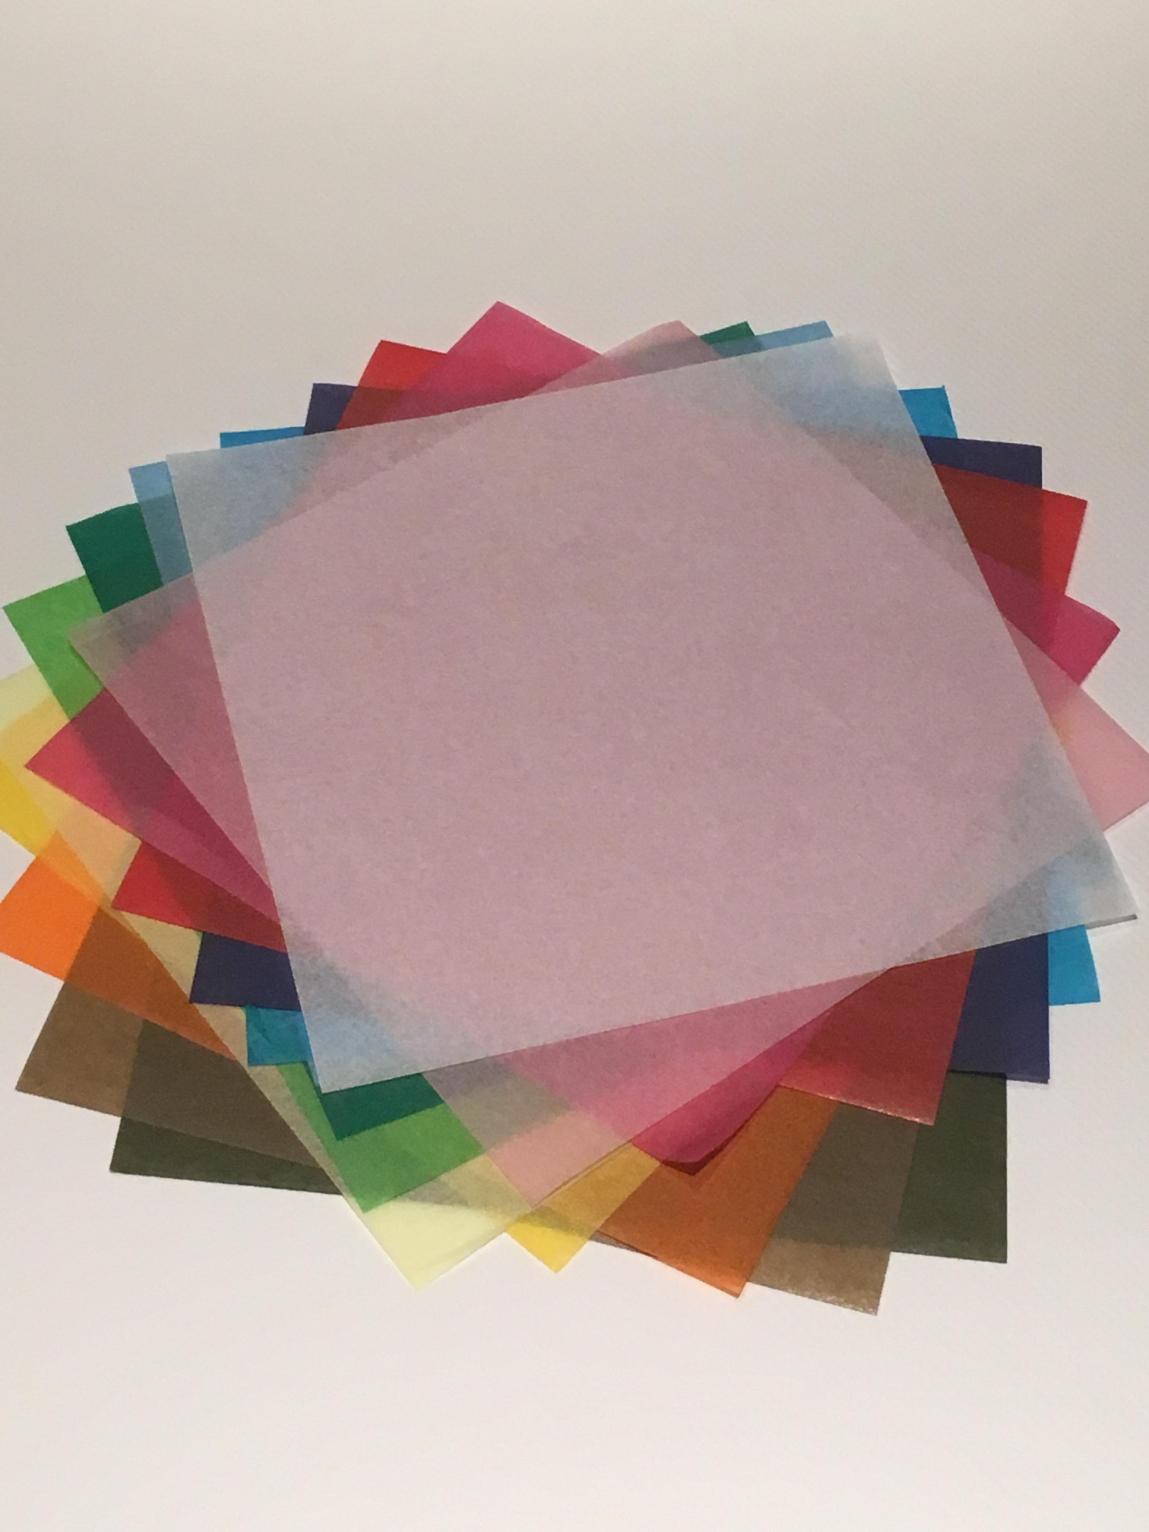 極薄の紙 『tカラぺ+5リーフ』 正方形にしたセットを販売しております。